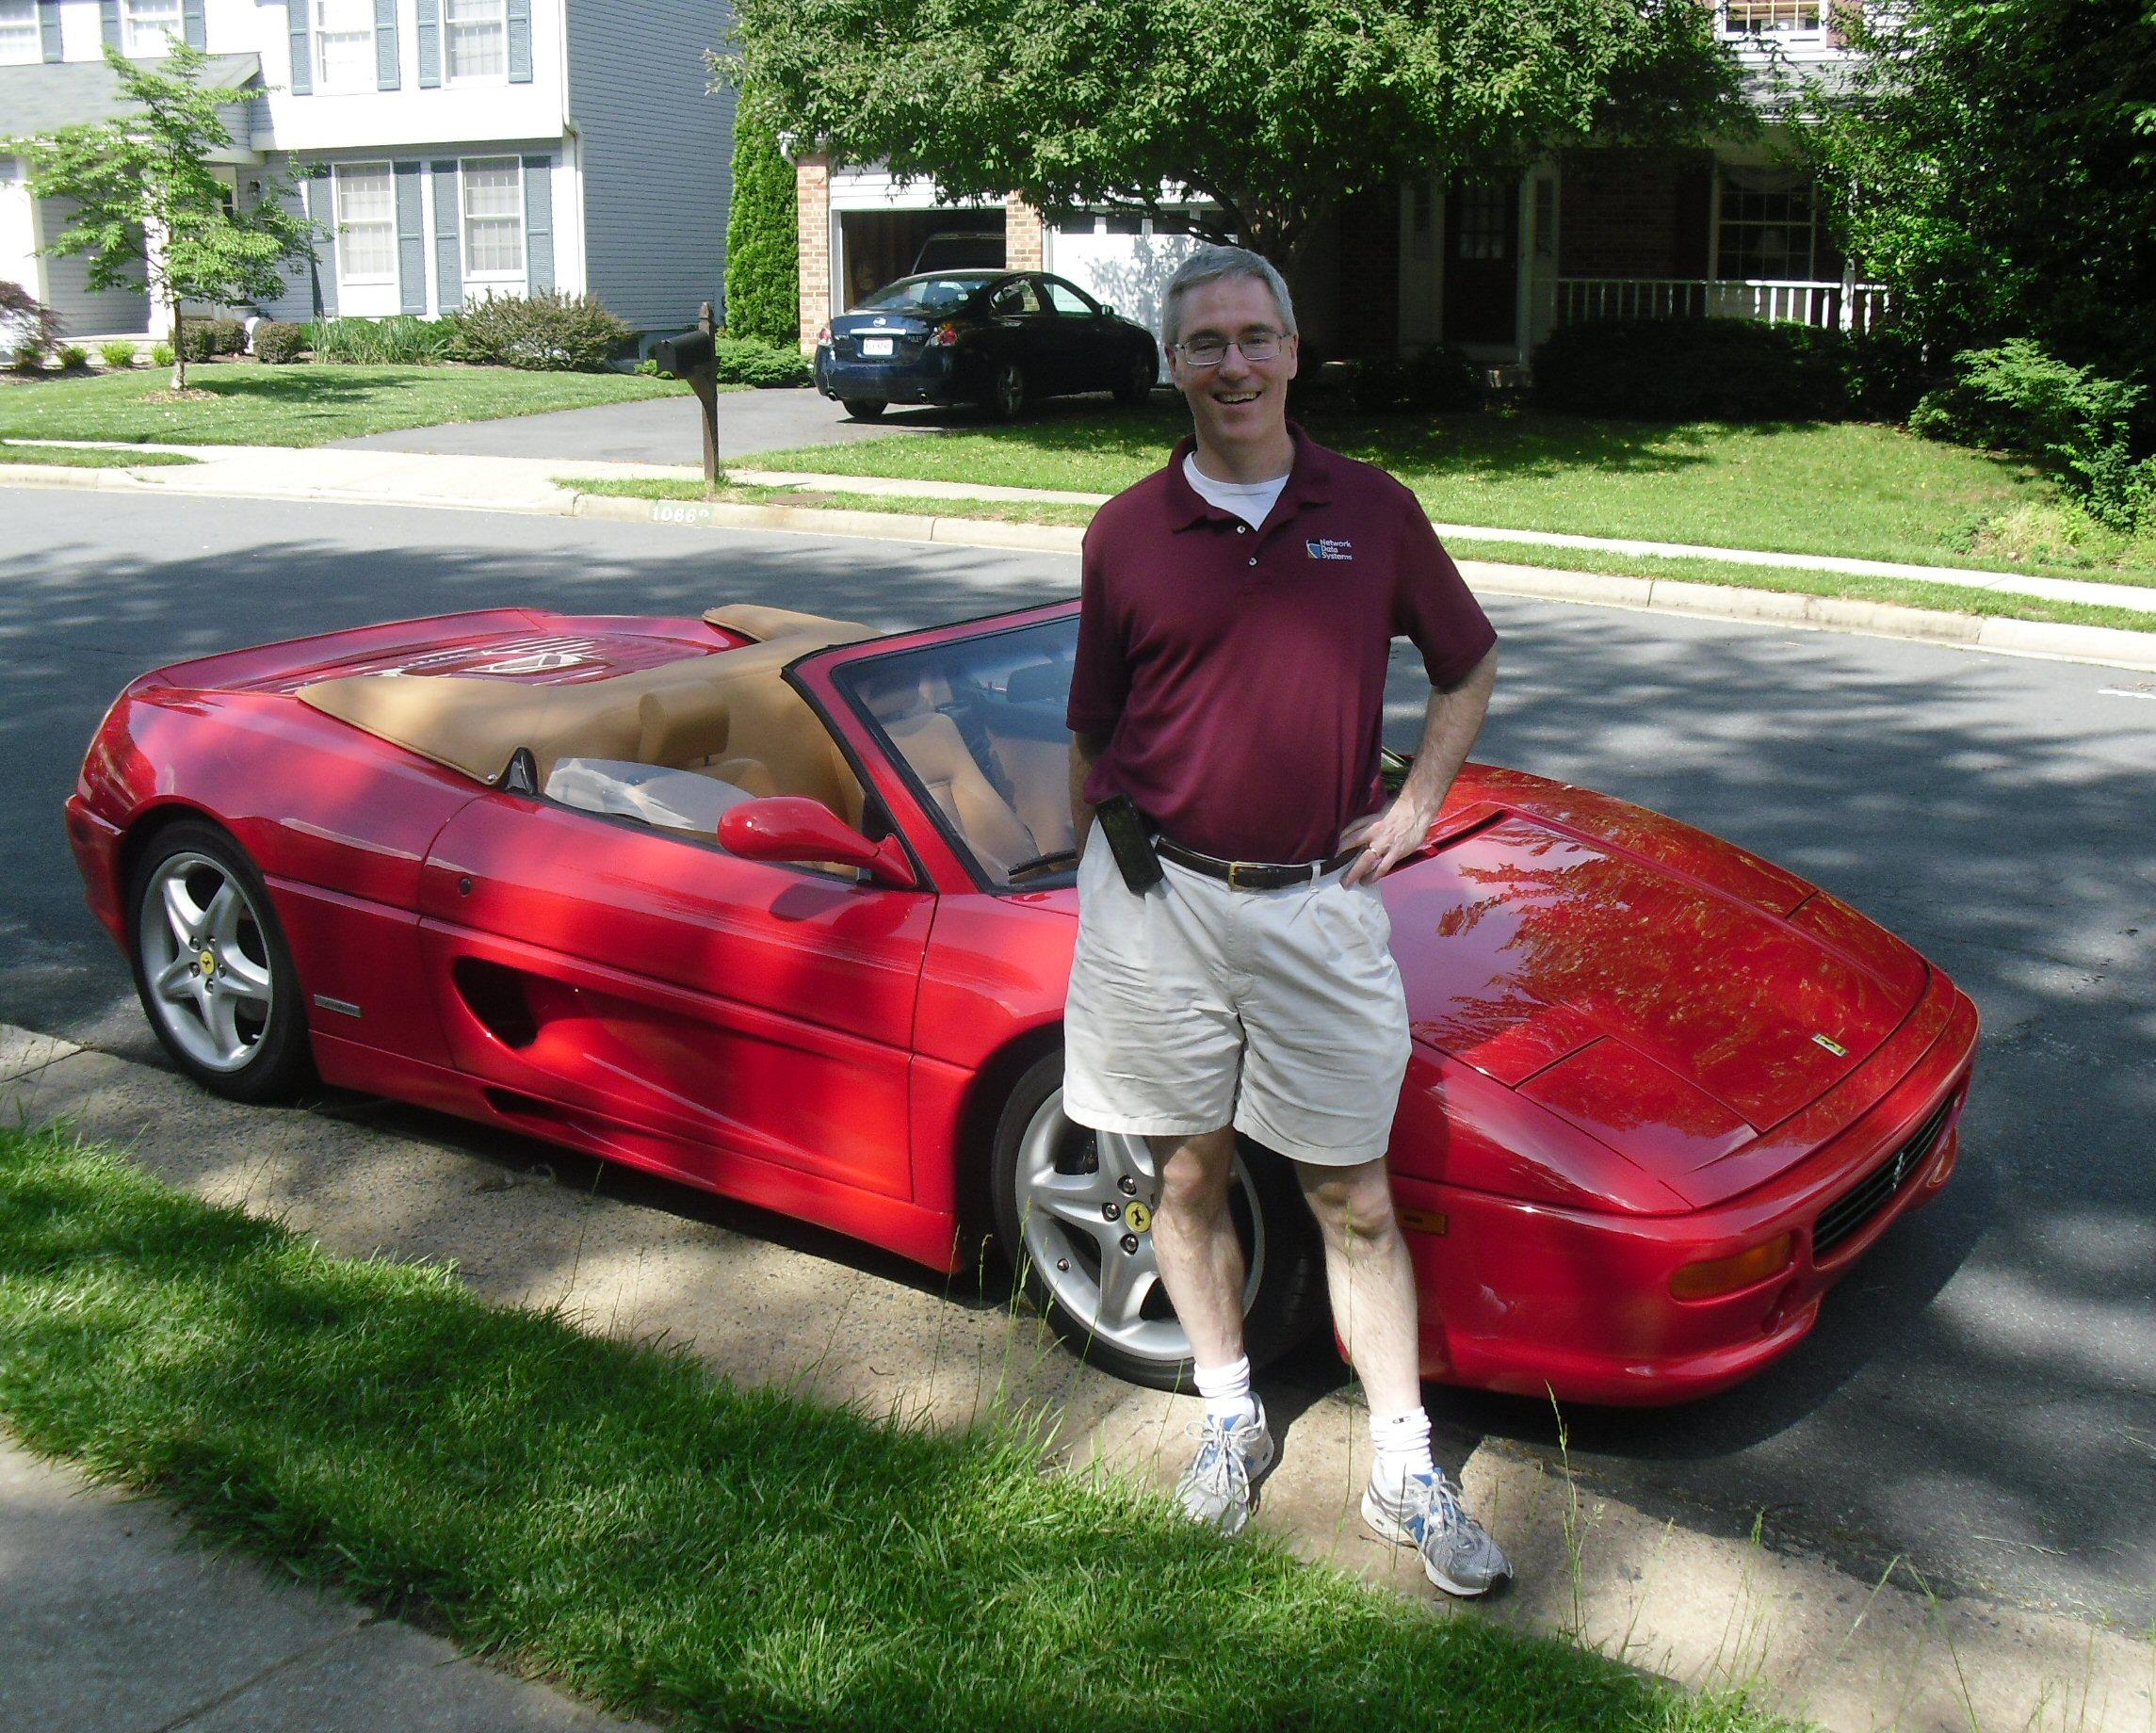 Gary McGuire & Ferrari 355